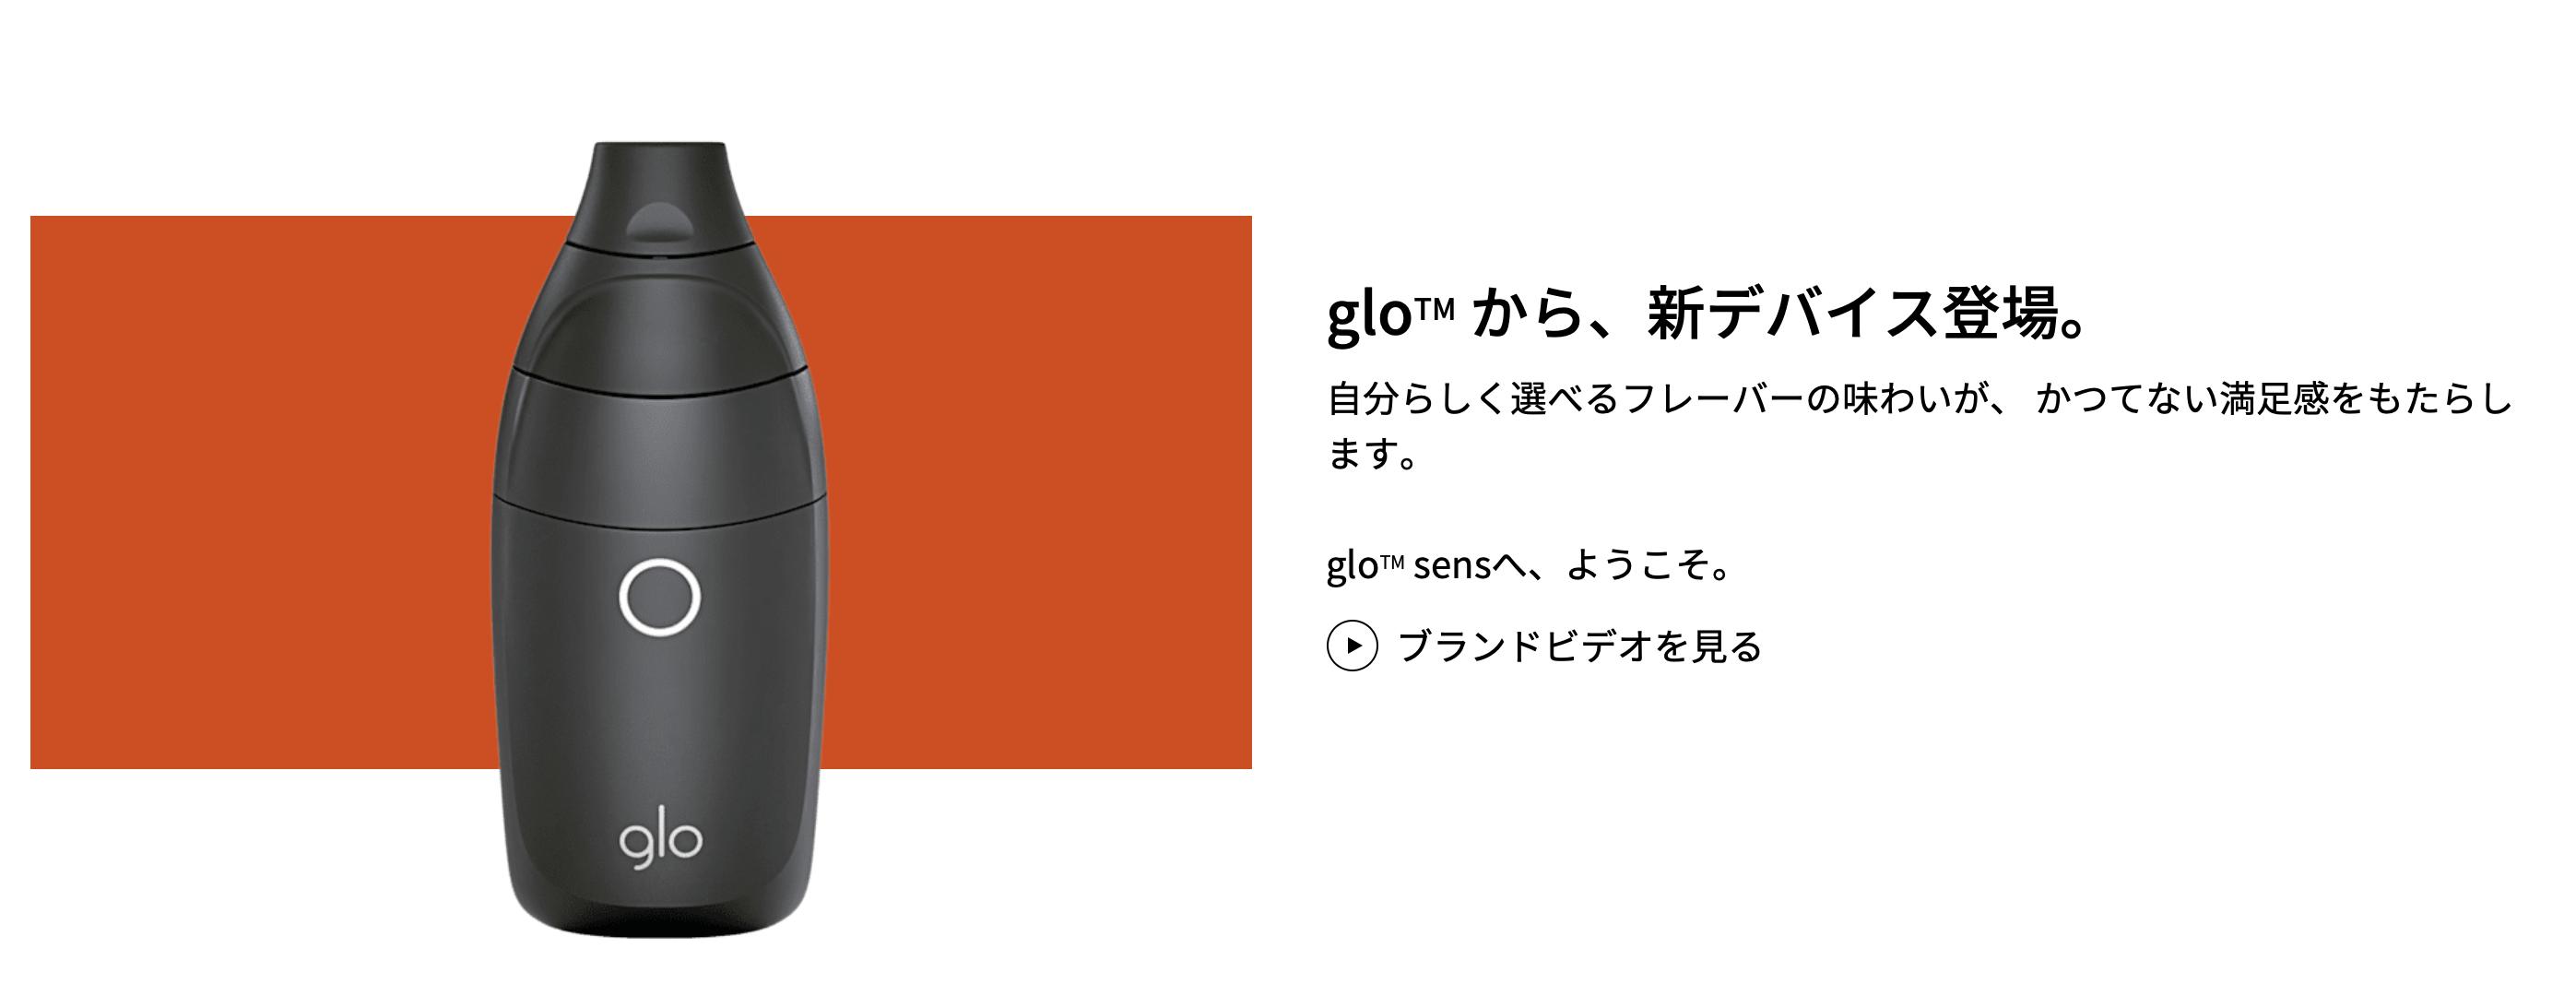 glo-new-product-glosens eye catch